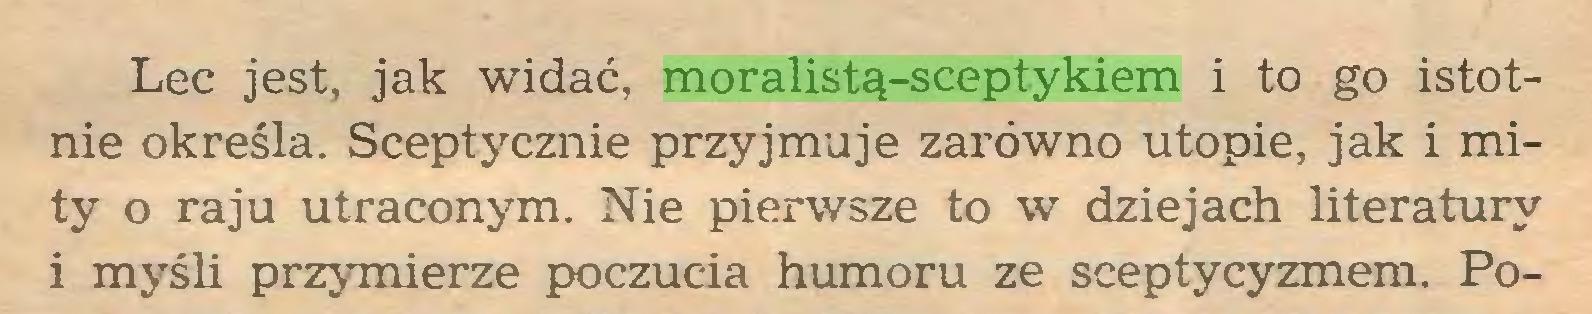 (...) Lec jest, jak widać, moralistą-sceptykiem i to go istotnie określa. Sceptycznie przyjmuje zarówno utopie, jak i mity o raju utraconym. Nie pierwsze to w dziejach literatury i myśli przymierze poczucia humoru ze sceptycyzmem. Po...